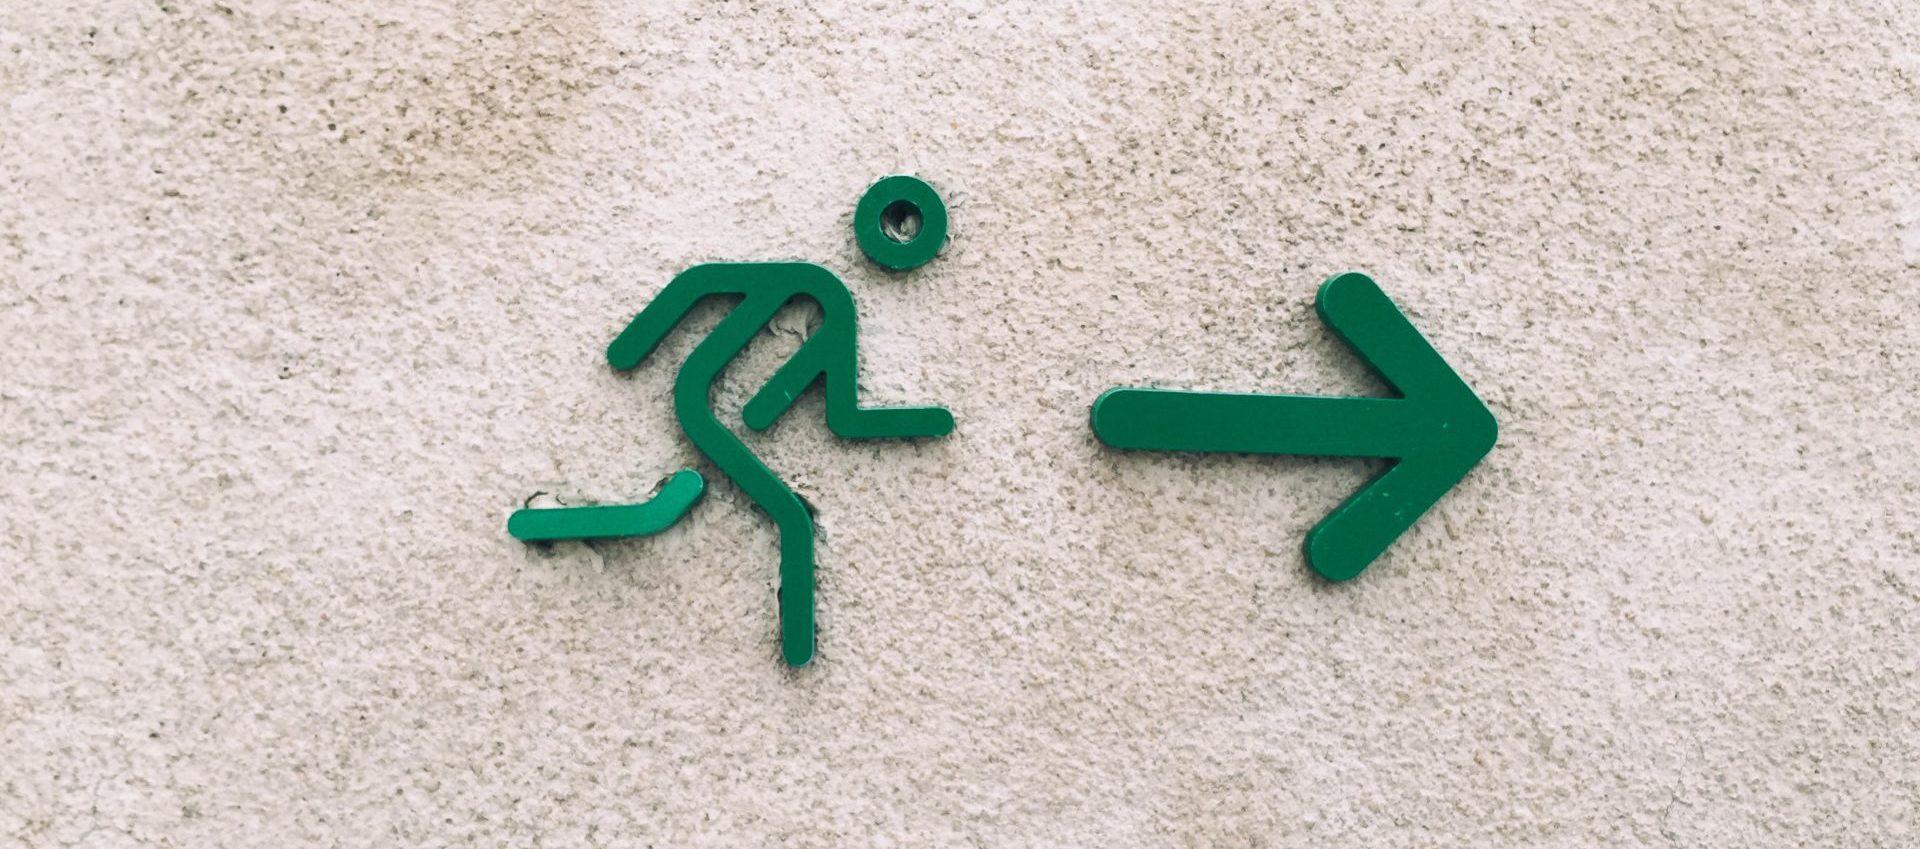 droga do awansu, jak awansować, jak awansować w korporacji, awans, od czego zacząć drogę do awansu